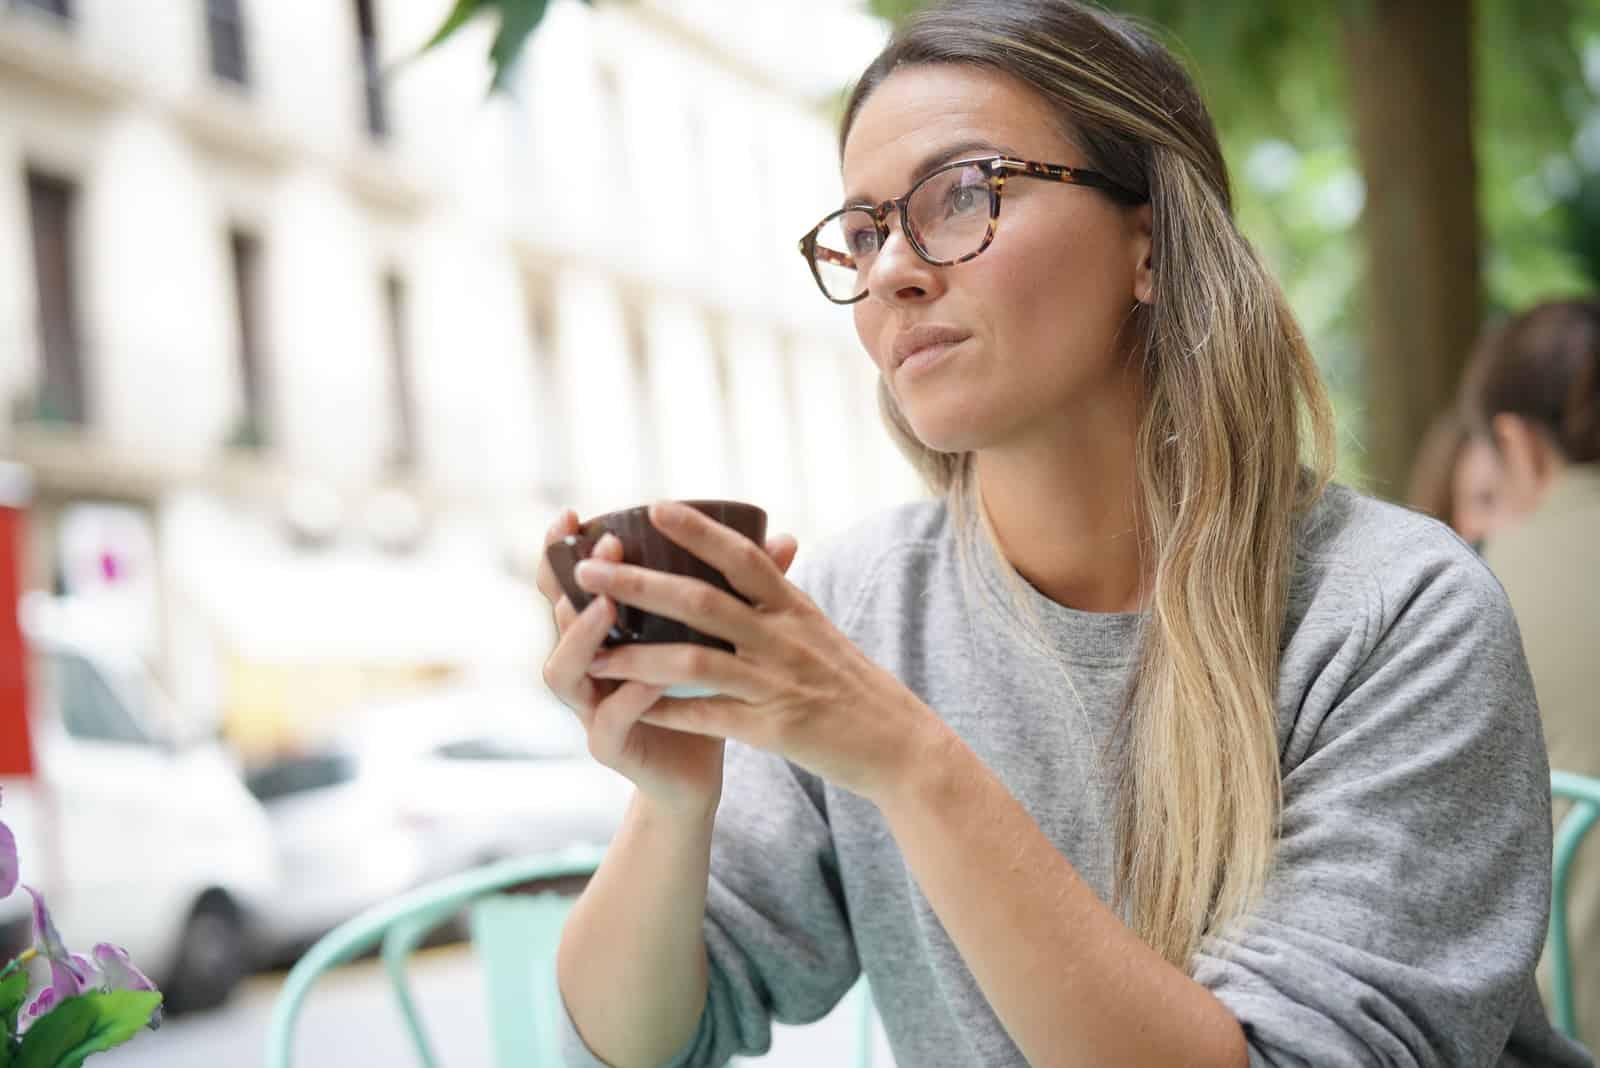 Femme prenant un café tout en regardant d'une manière pensive